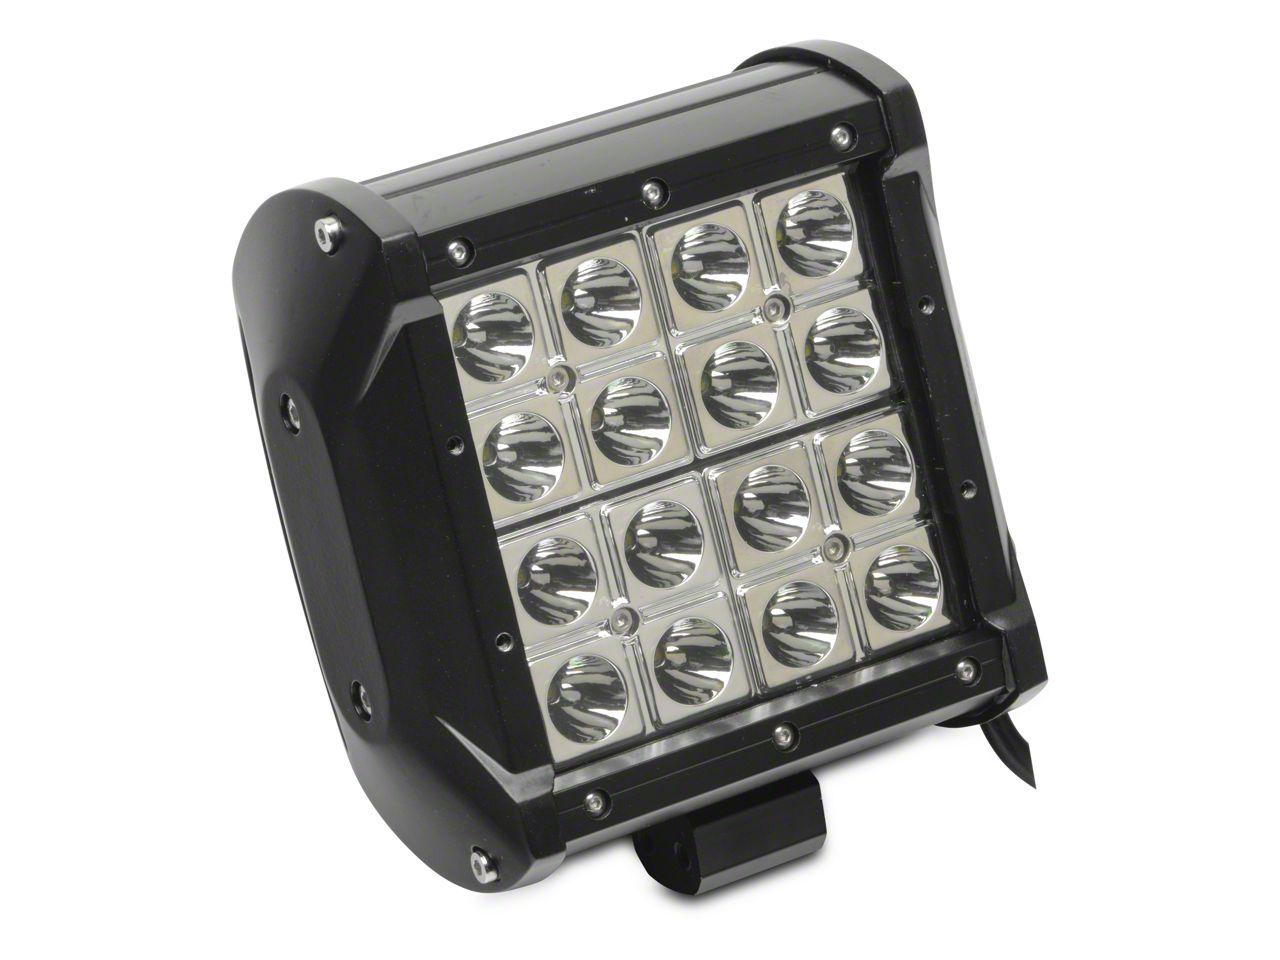 Alteon 5 in. 6 Series LED Light Bar - 30 Degree Flood Beam